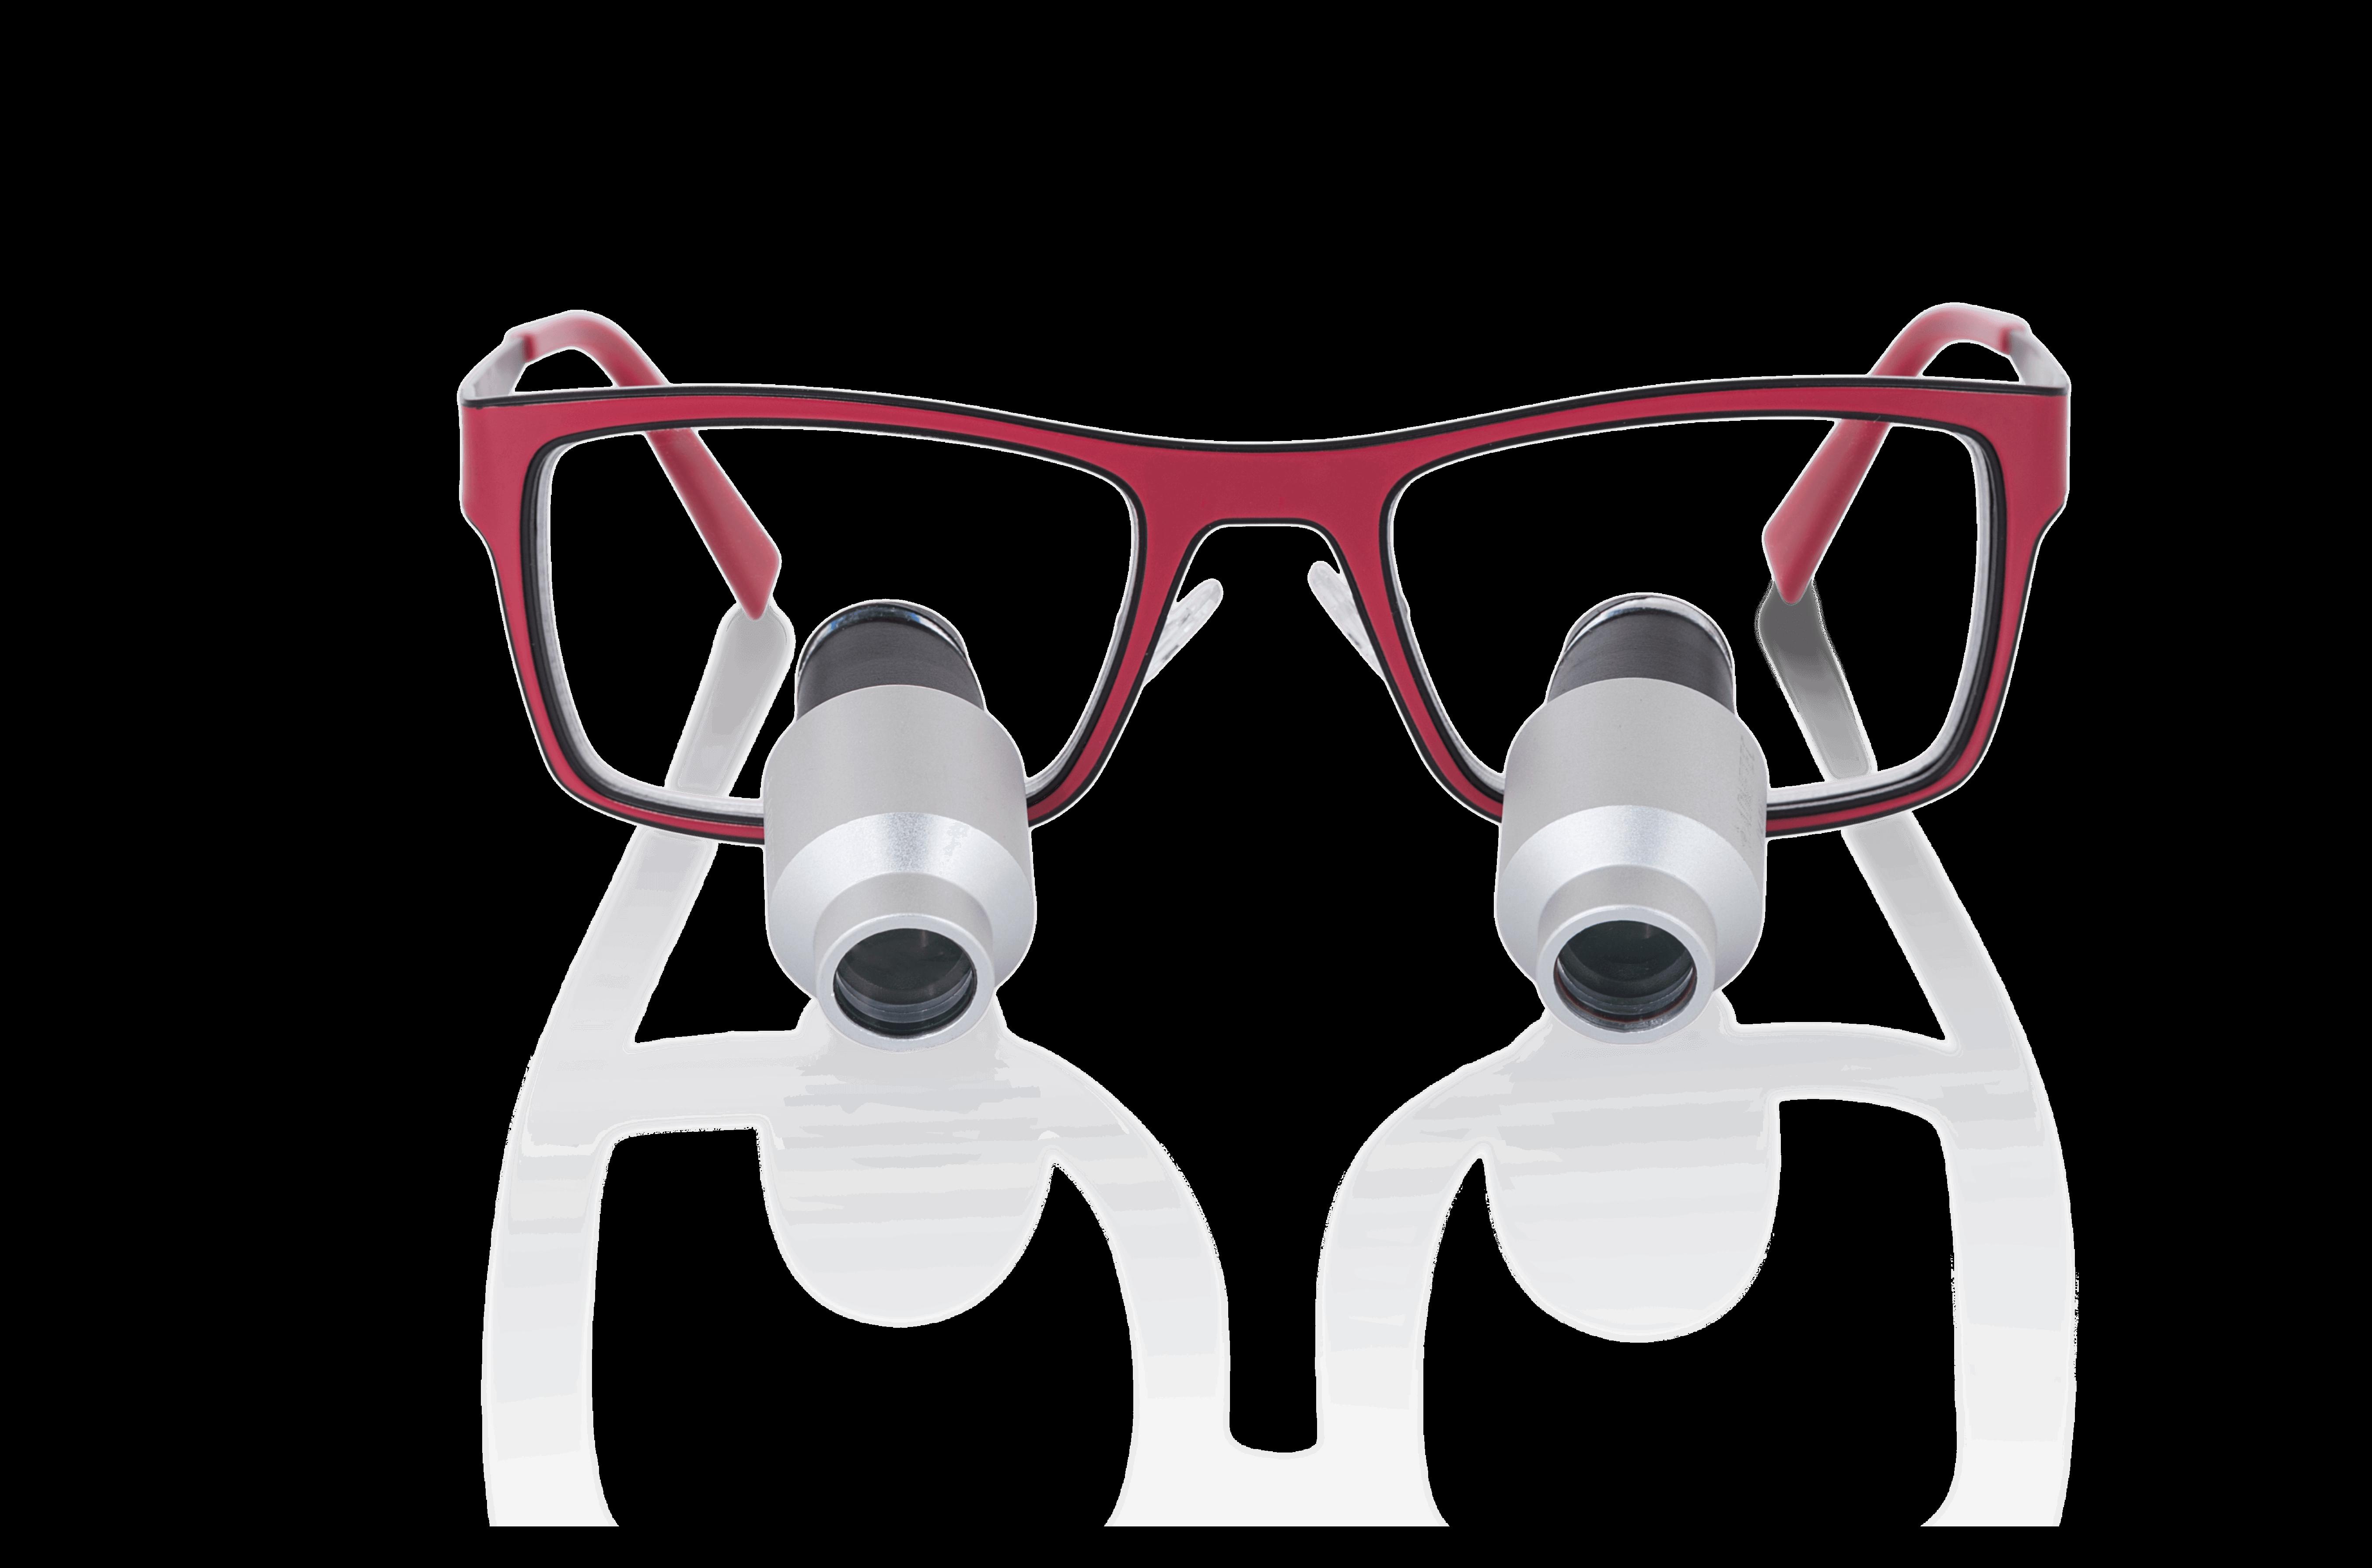 משקפי הגדלה פריזמטיים | 4.0